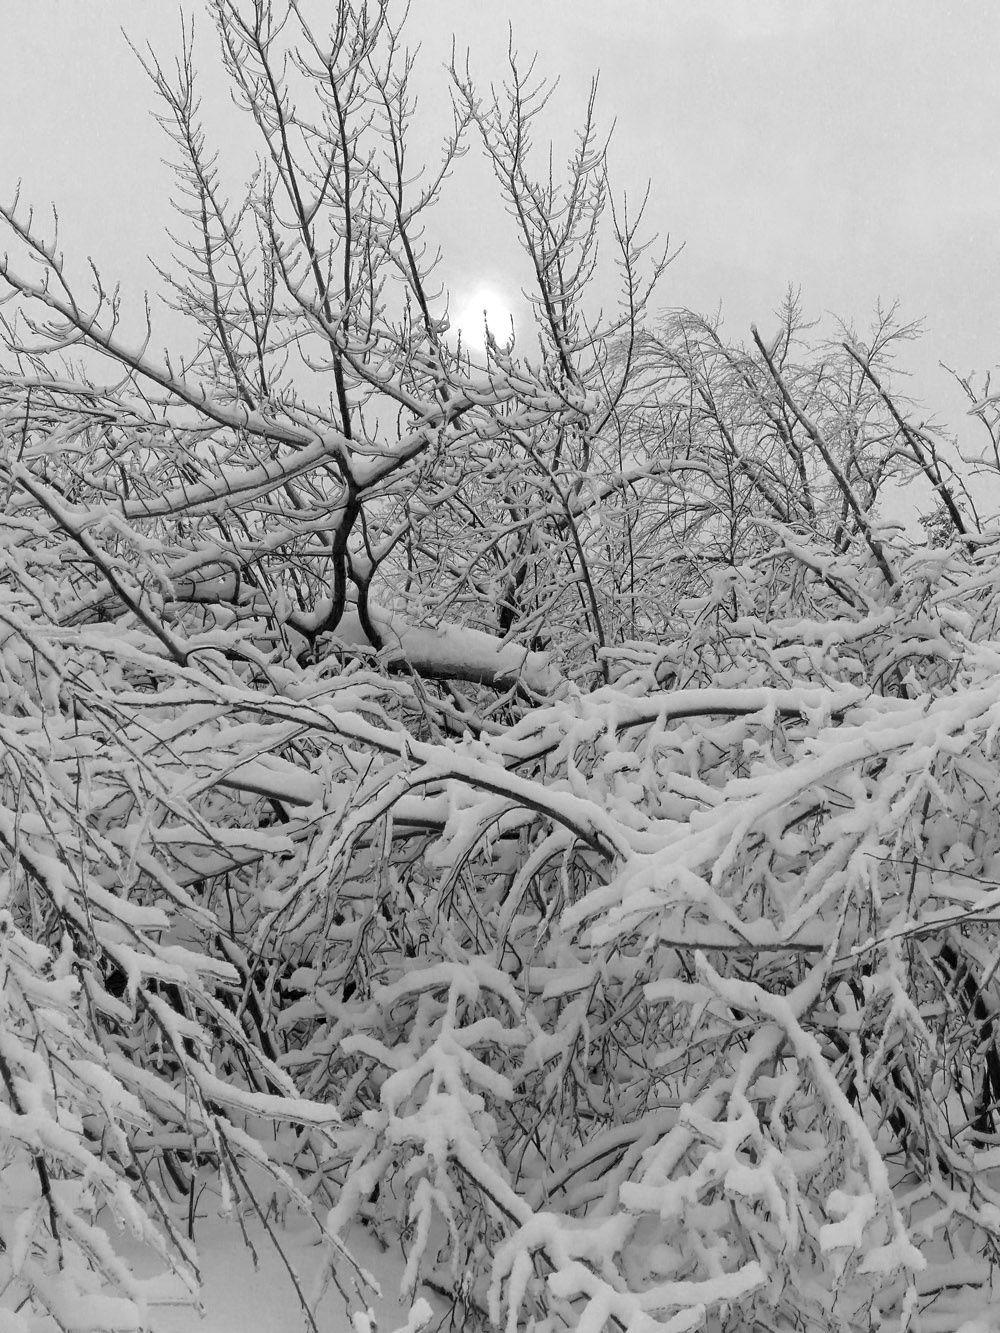 Promenade sur la rivière gelée - Memphrémagog